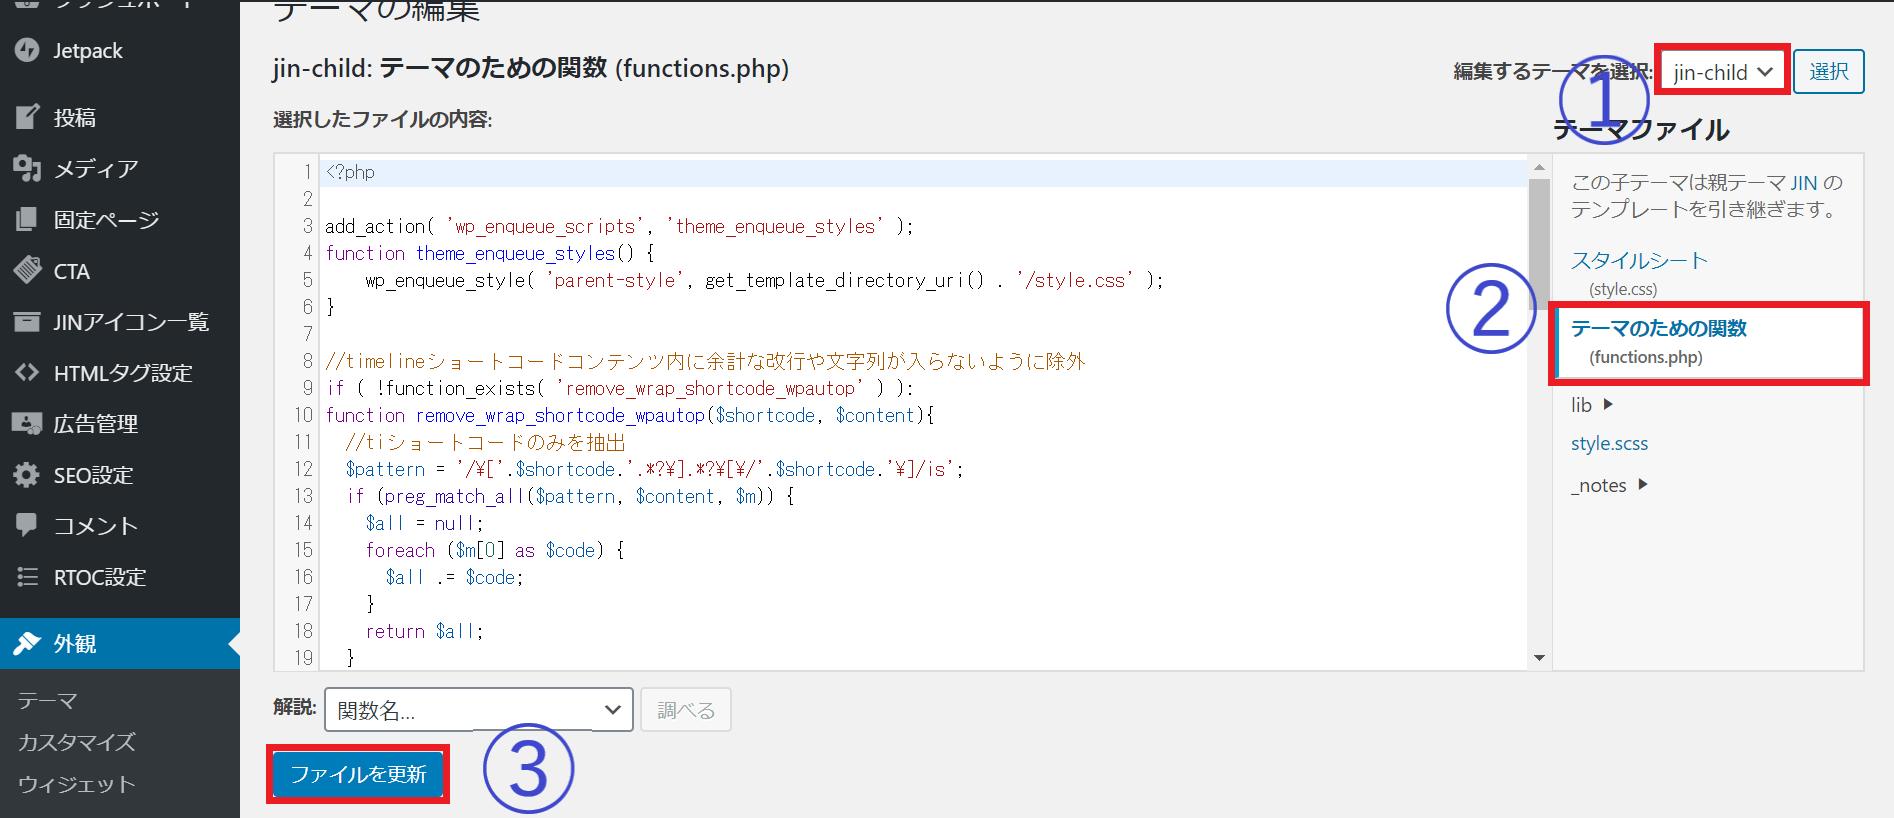 テーマエディターから子テーマにPHPコードを記述